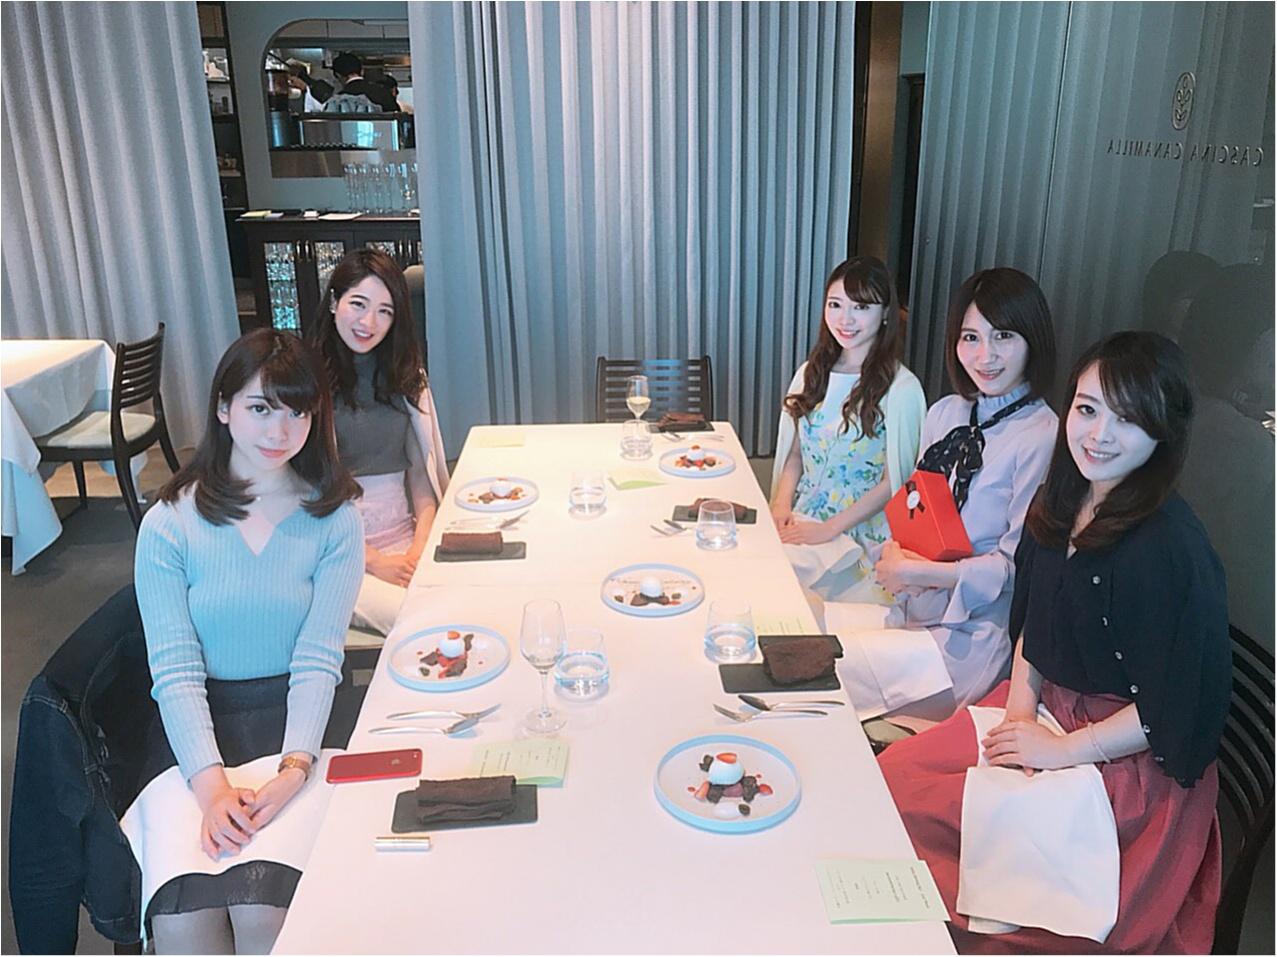 【中目黒】女子会、デートするならココがオススメ!目黒川沿いにある大人の空間でレベルの高いお食事を♡_10